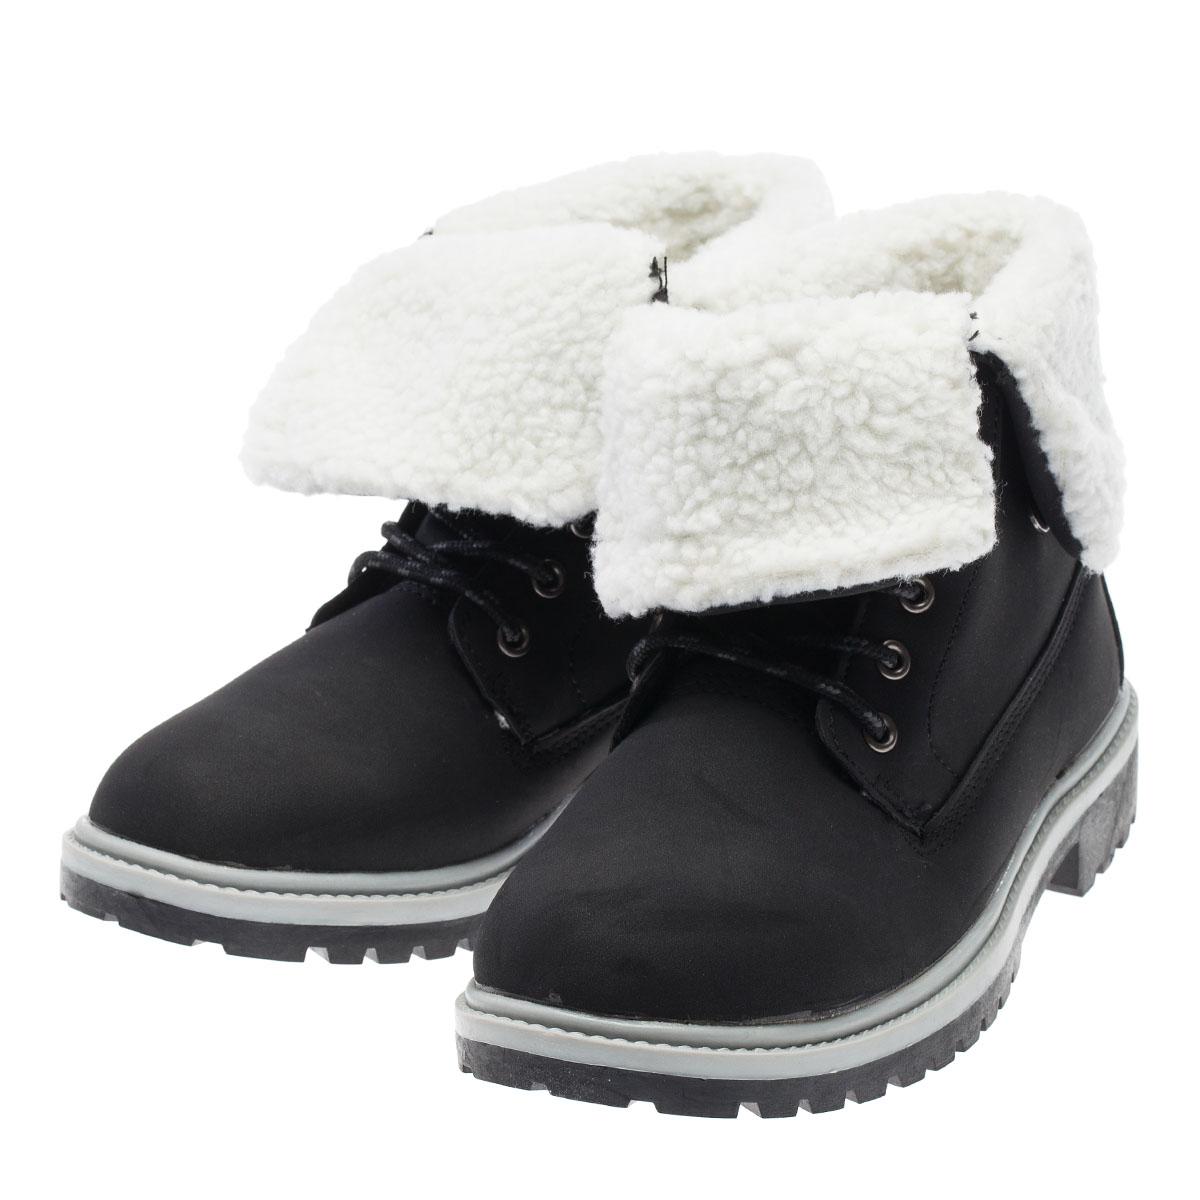 Ботинки зимние Overcome, HSL 17403